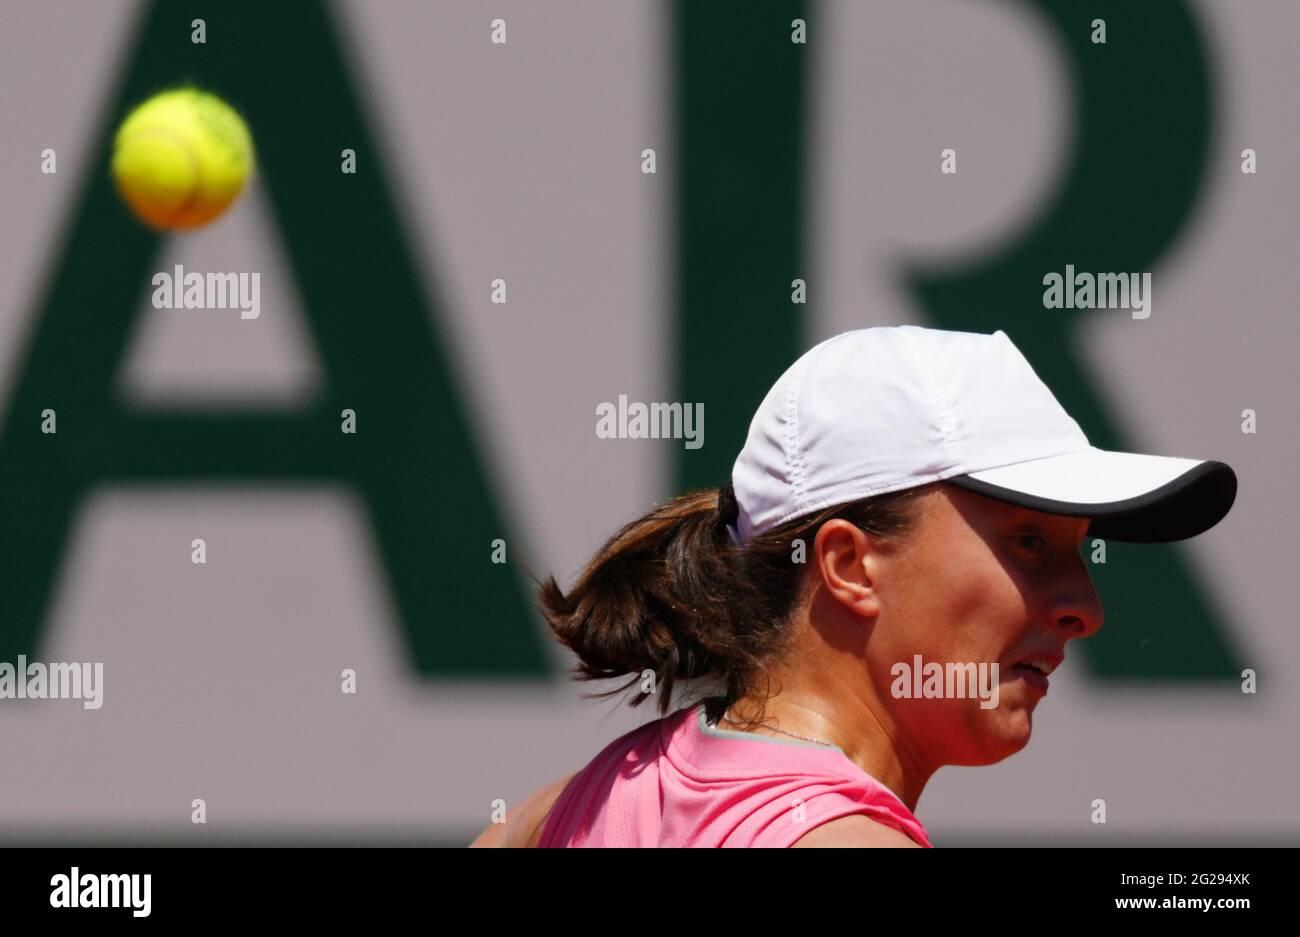 Paris, France. 9 juin 2021. IGA Swiatek, de Pologne, réagit lors du quart-finale féminin entre Maria Sakkari, de Grèce, et IGA Swiatek, de Pologne, lors du tournoi de tennis Open de France à Roland Garros, à Paris, en France, le 9 juin 2021. Credit: Gao Jing/Xinhua/Alamy Live News Banque D'Images